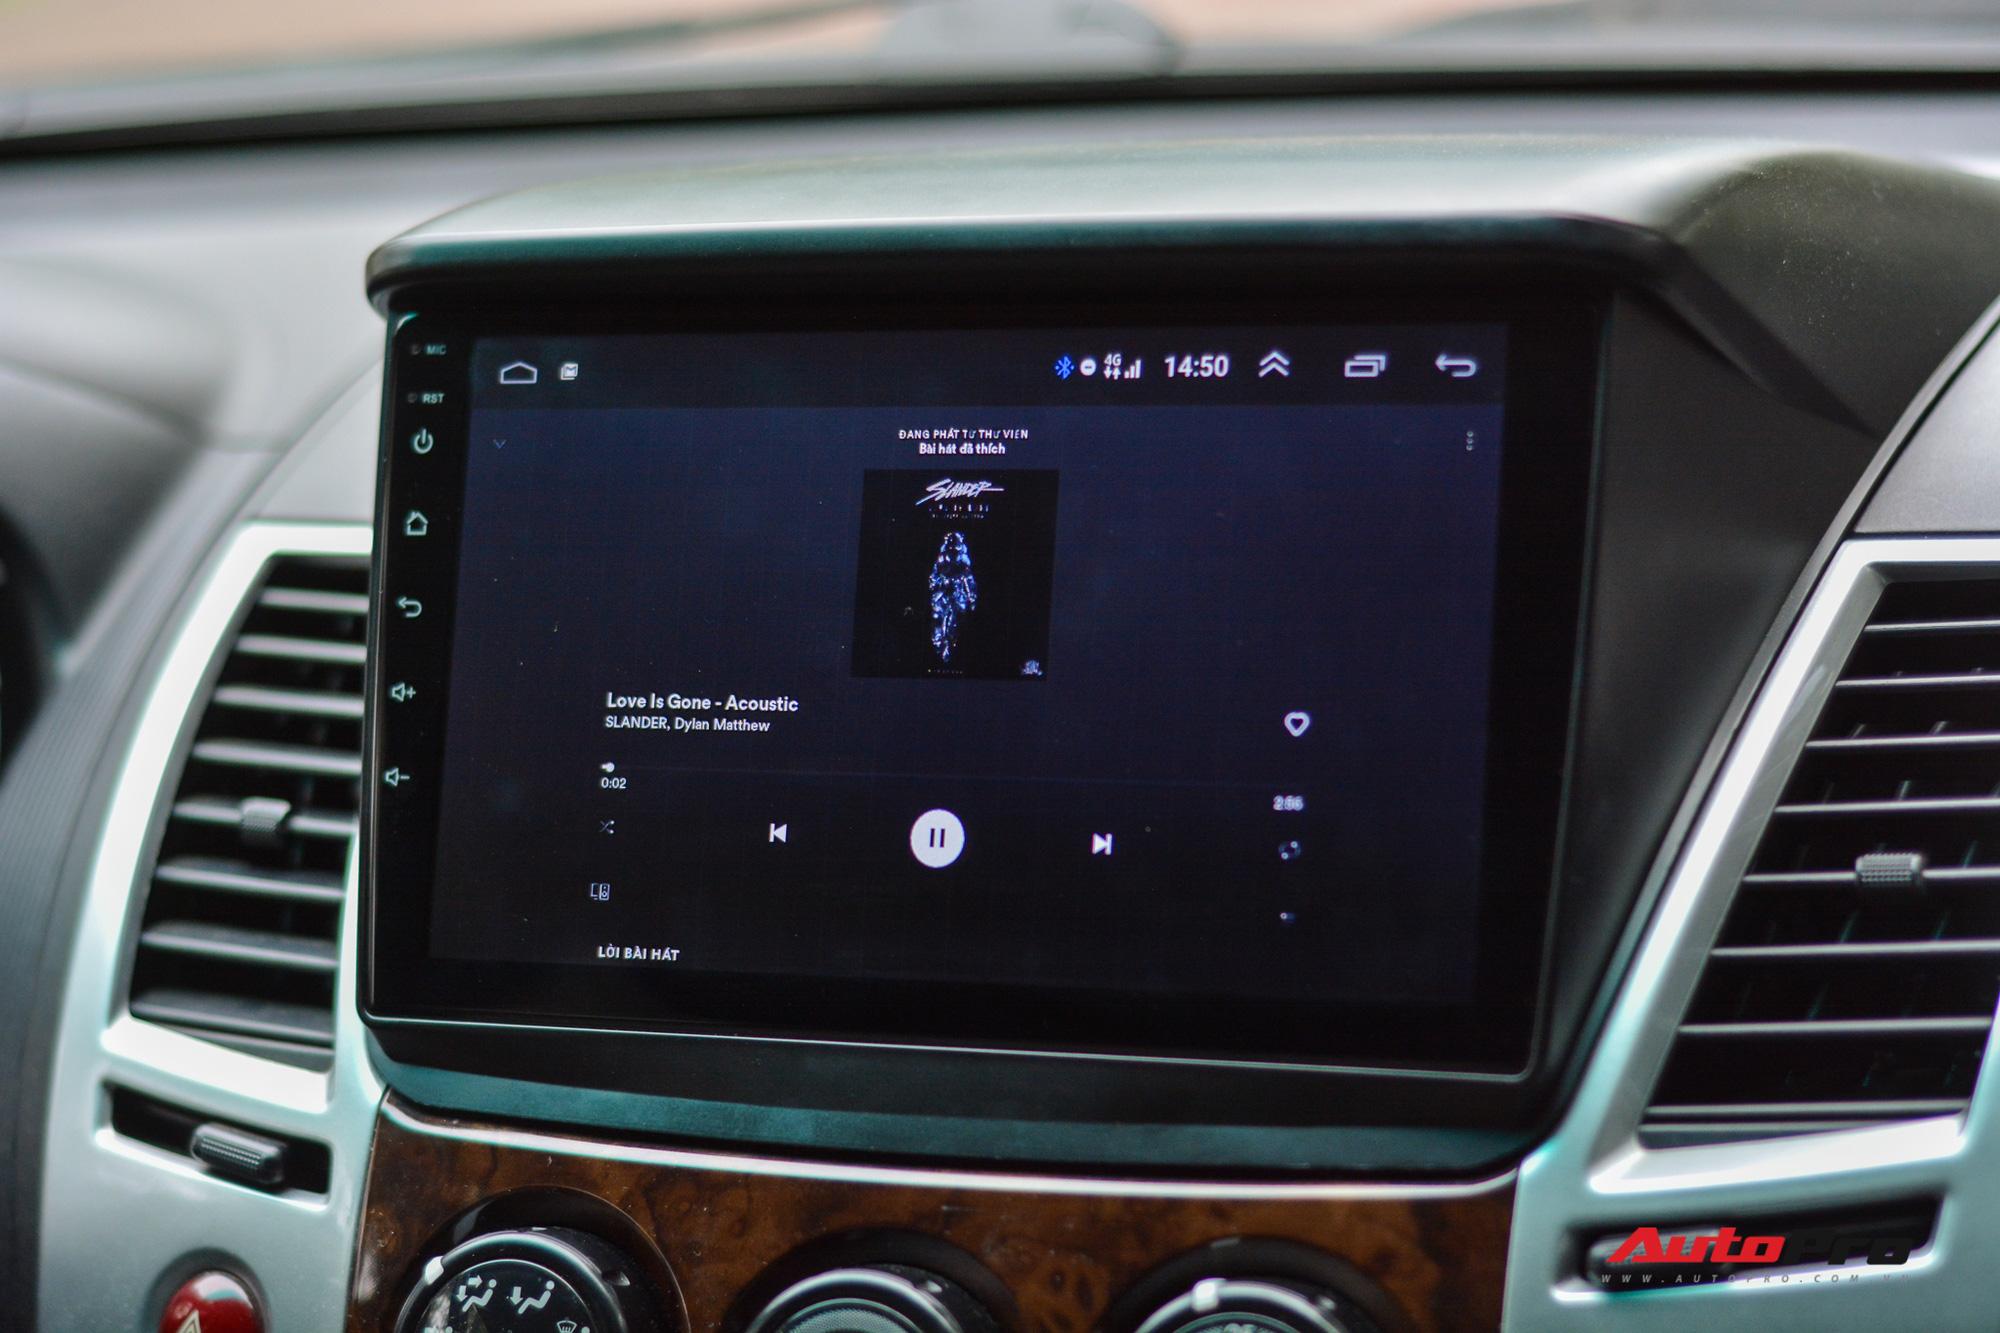 Chất lượng âm thanh có thể bị ảnh hưởng do việc nâng cấp màn hình dạng Android.